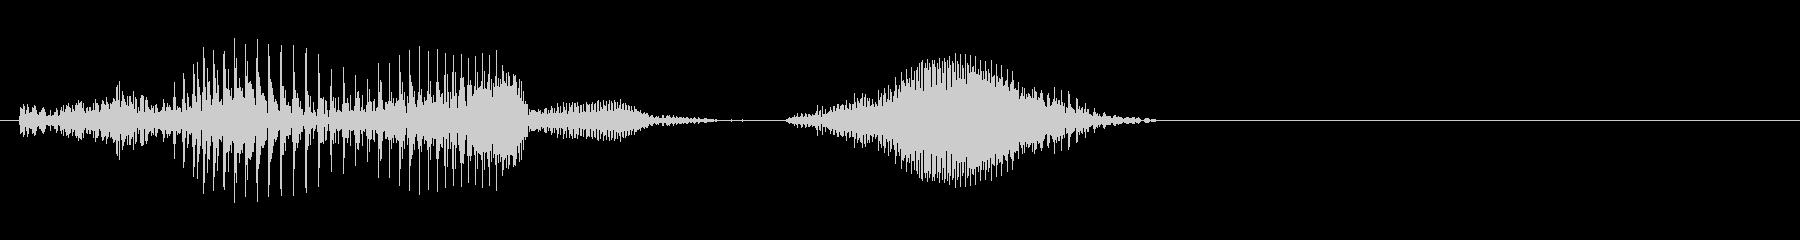 パンチ!の未再生の波形